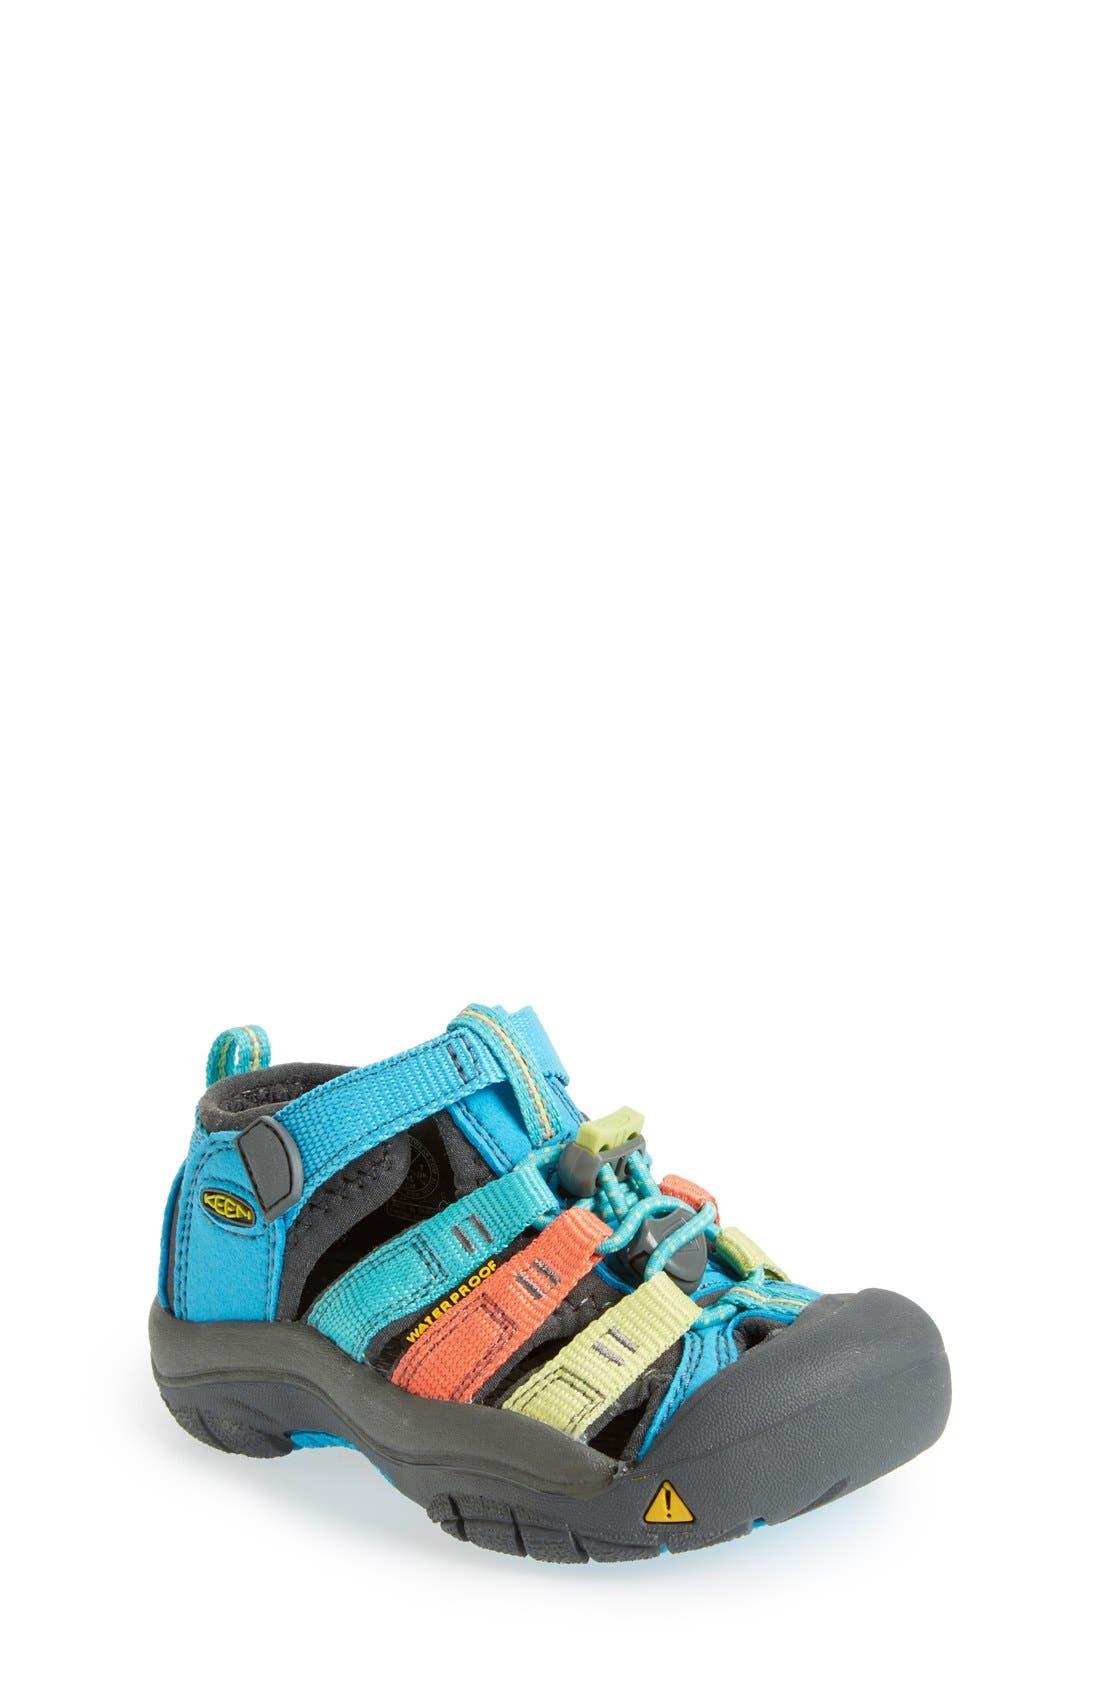 Alternate Image 1 Selected - Keen 'Newport H2' Waterproof Sandal (Baby, Walker, Toddler, Little Kid & Big Kid)